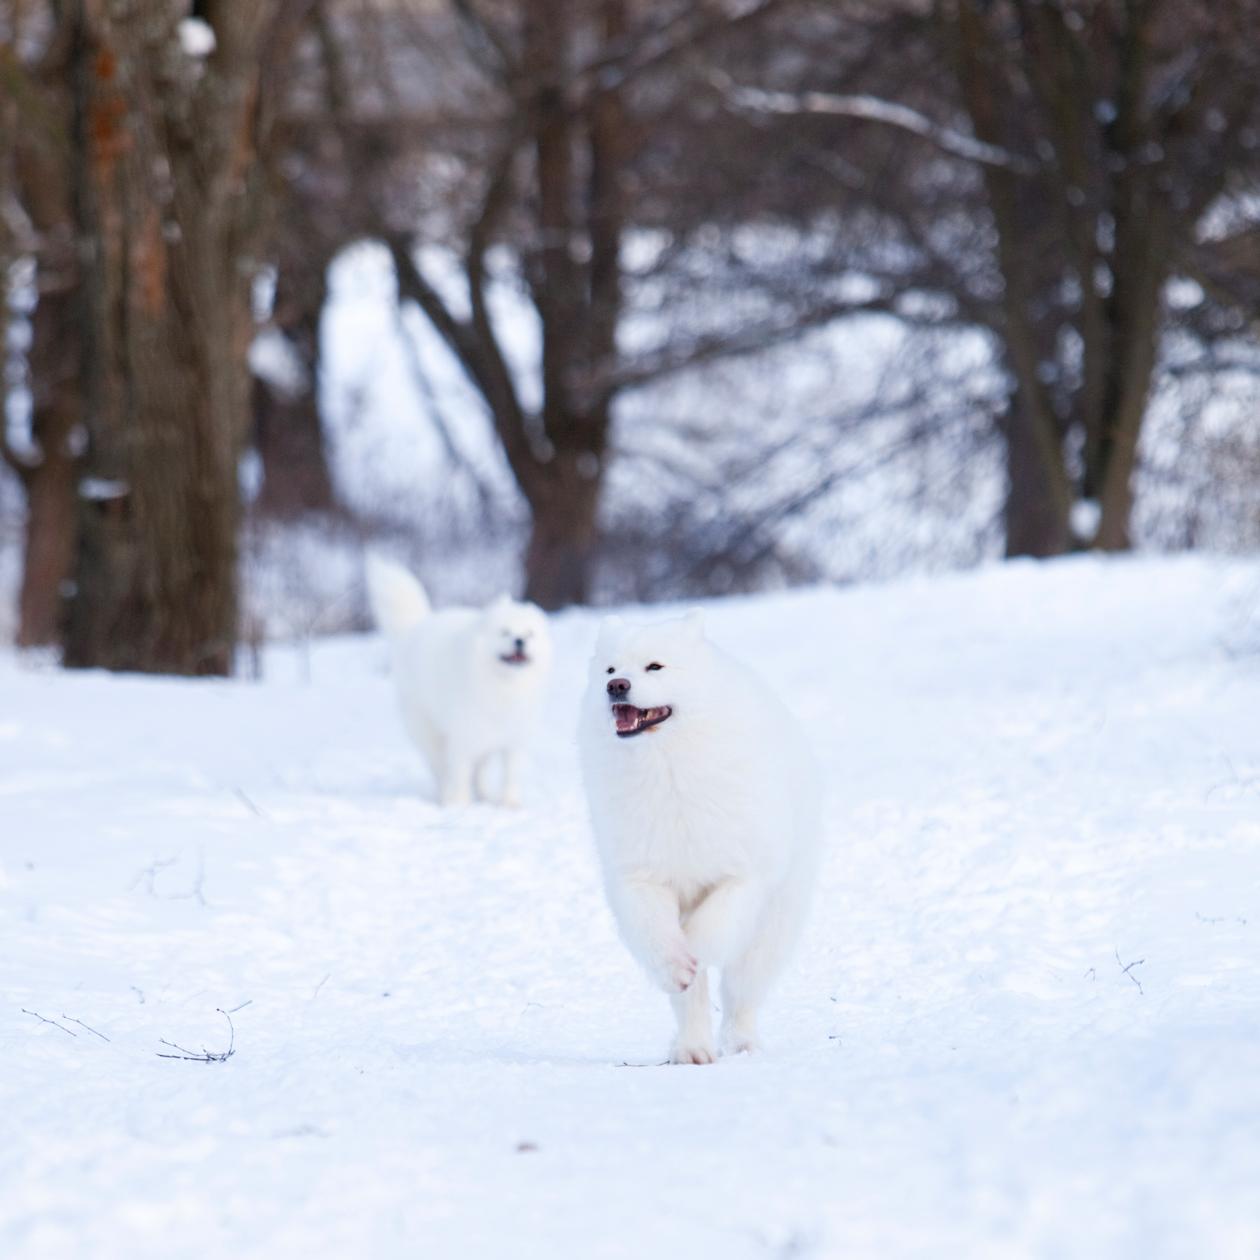 kaksi iloista samojedia lumisessa maisemassa